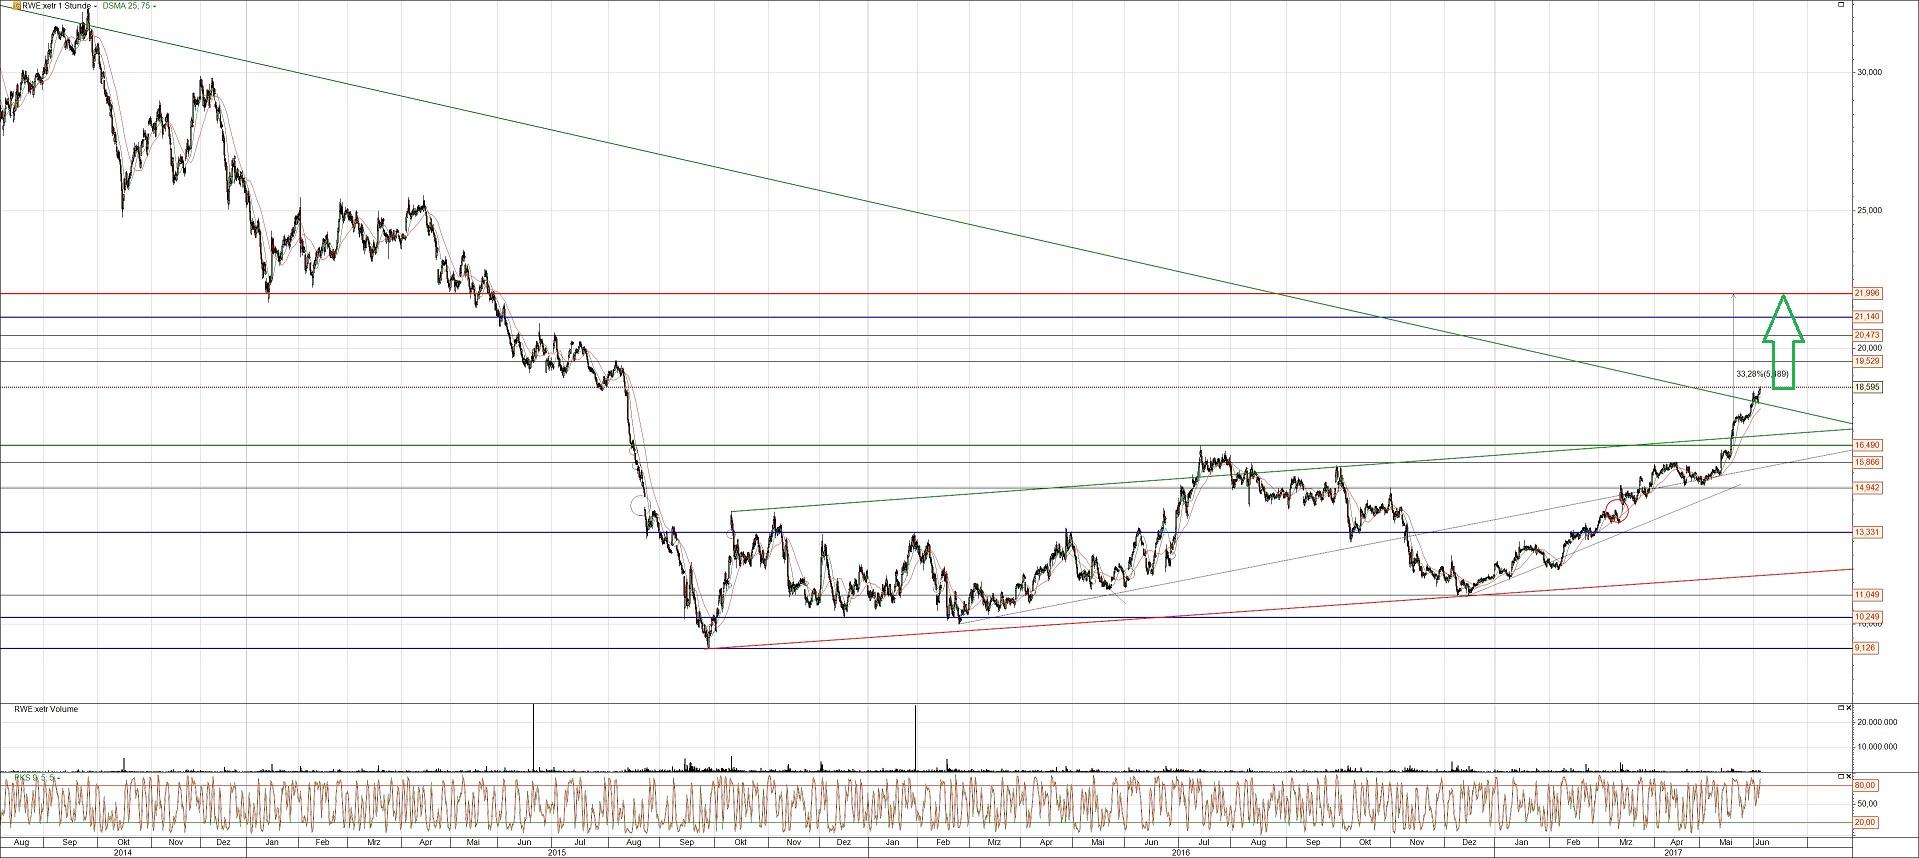 RWE Aktie Chart Analyse